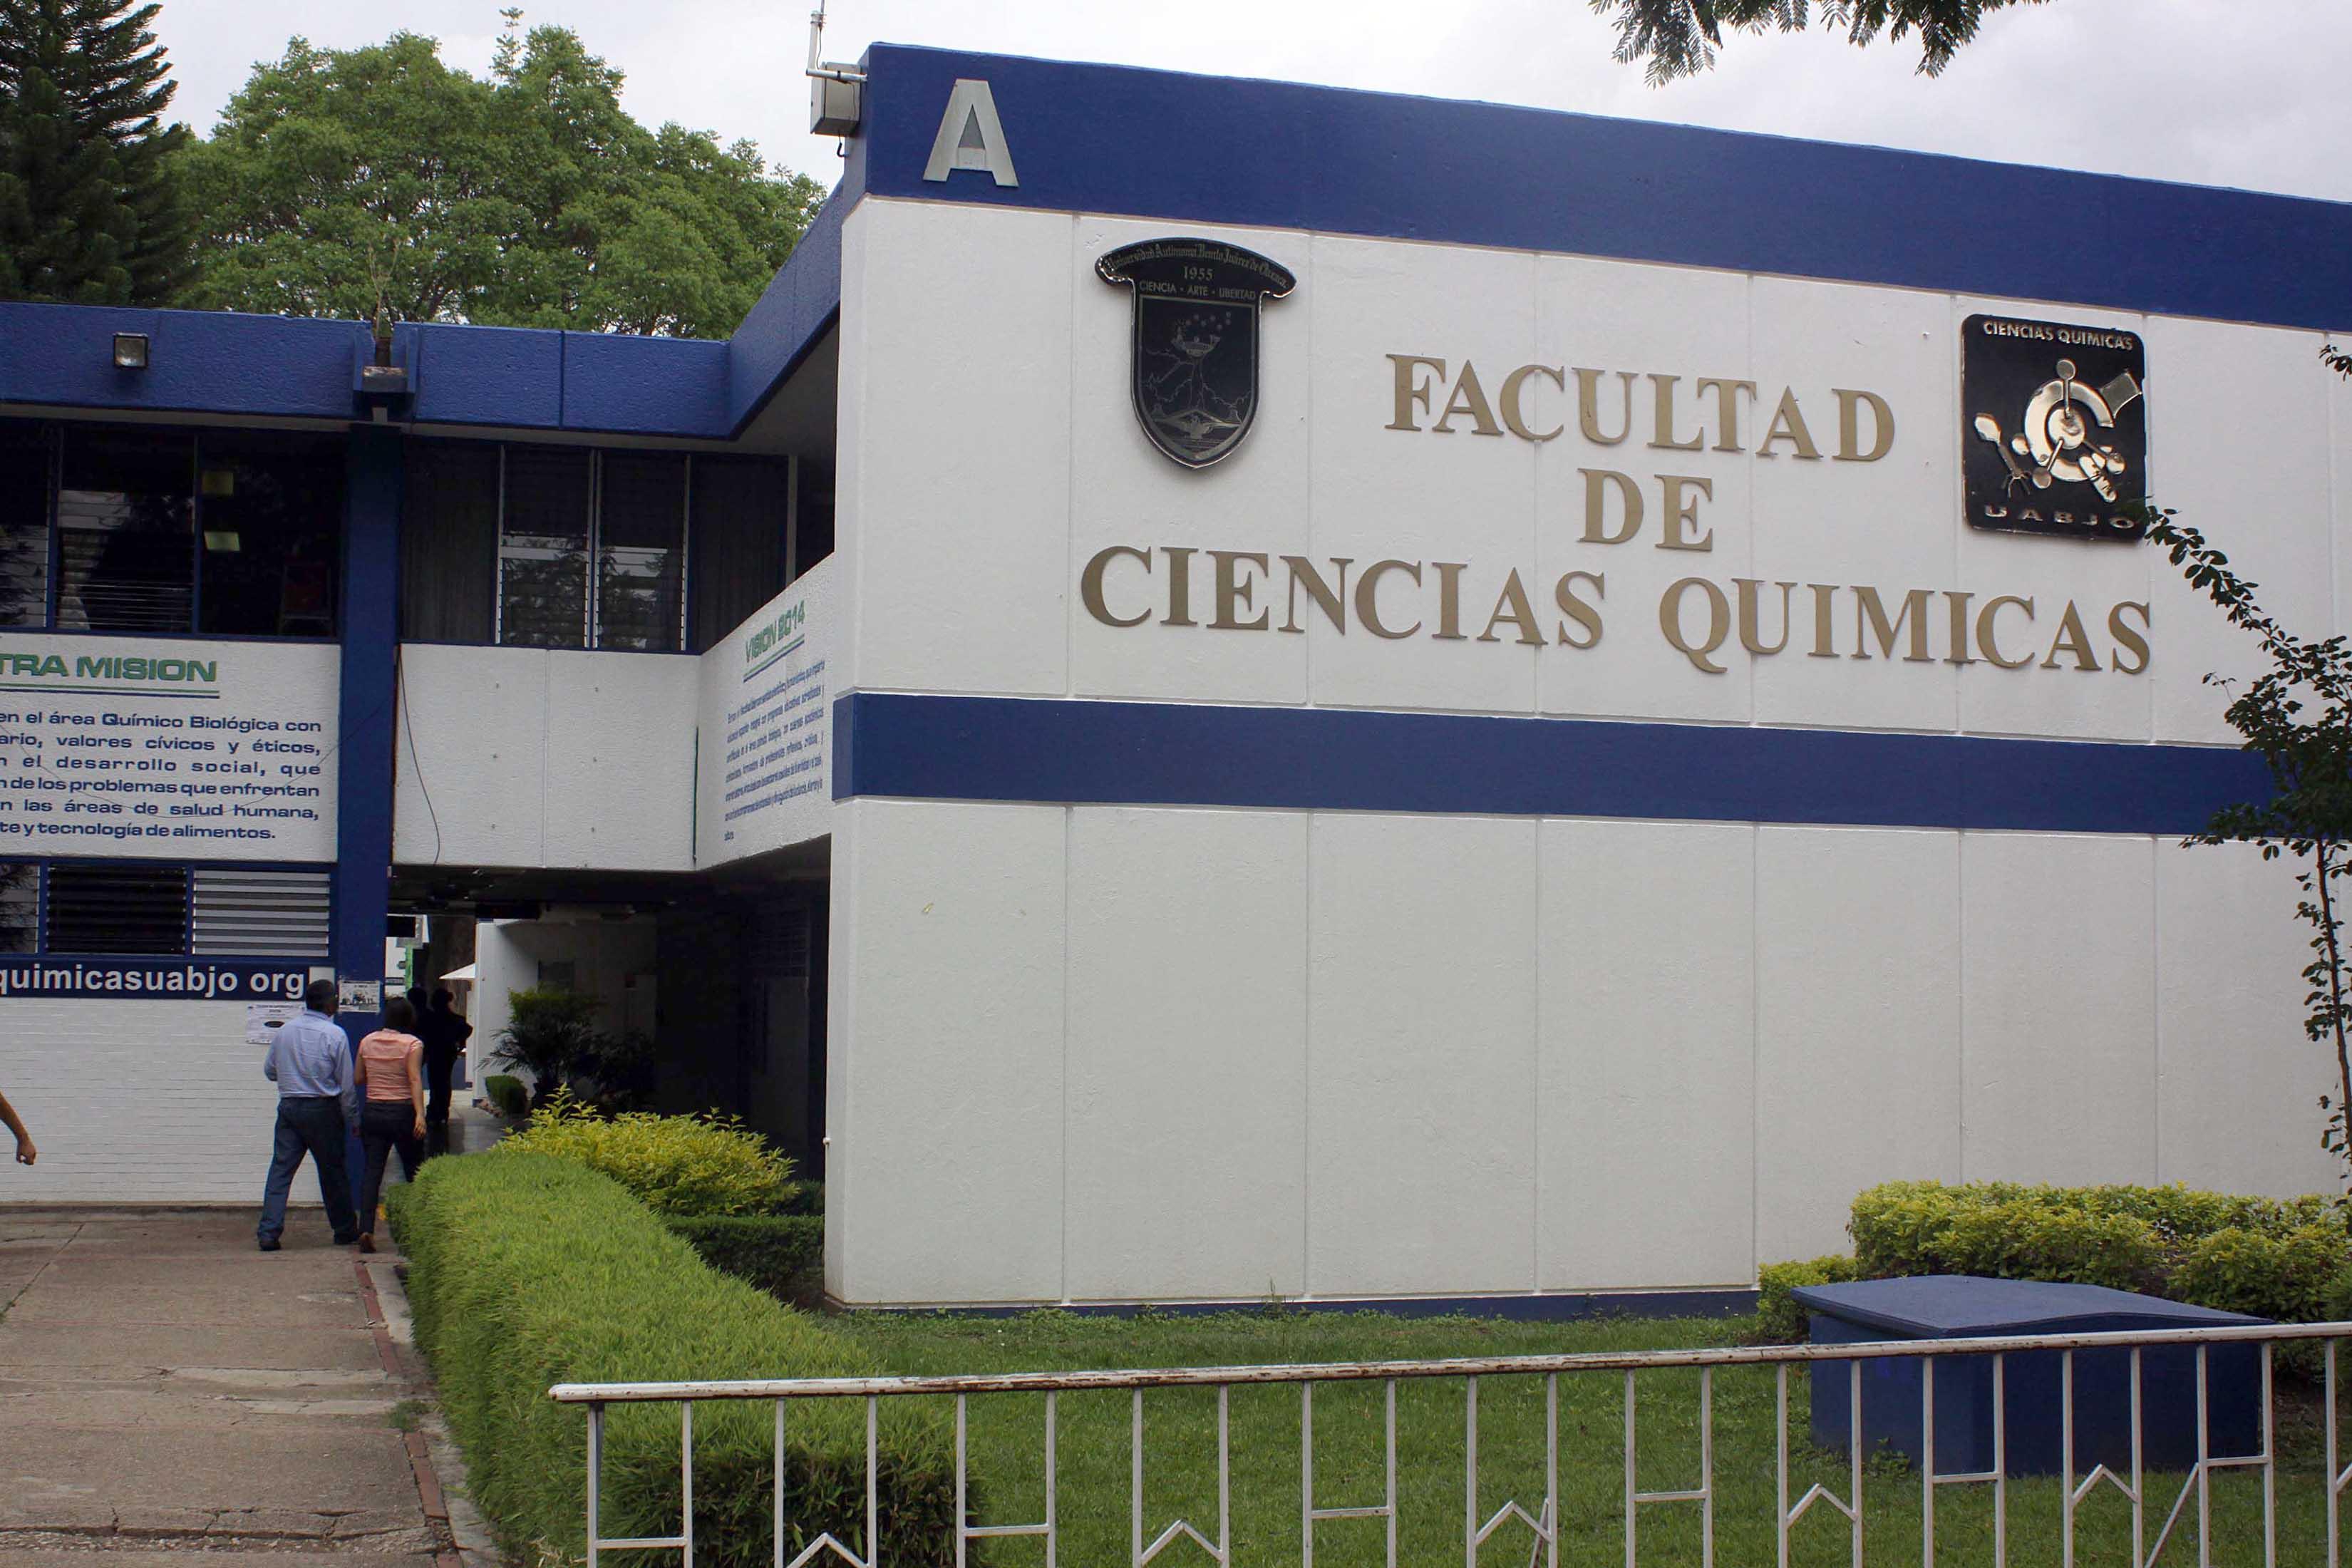 FACULTAD DE CIENCIAS QUIMICAS